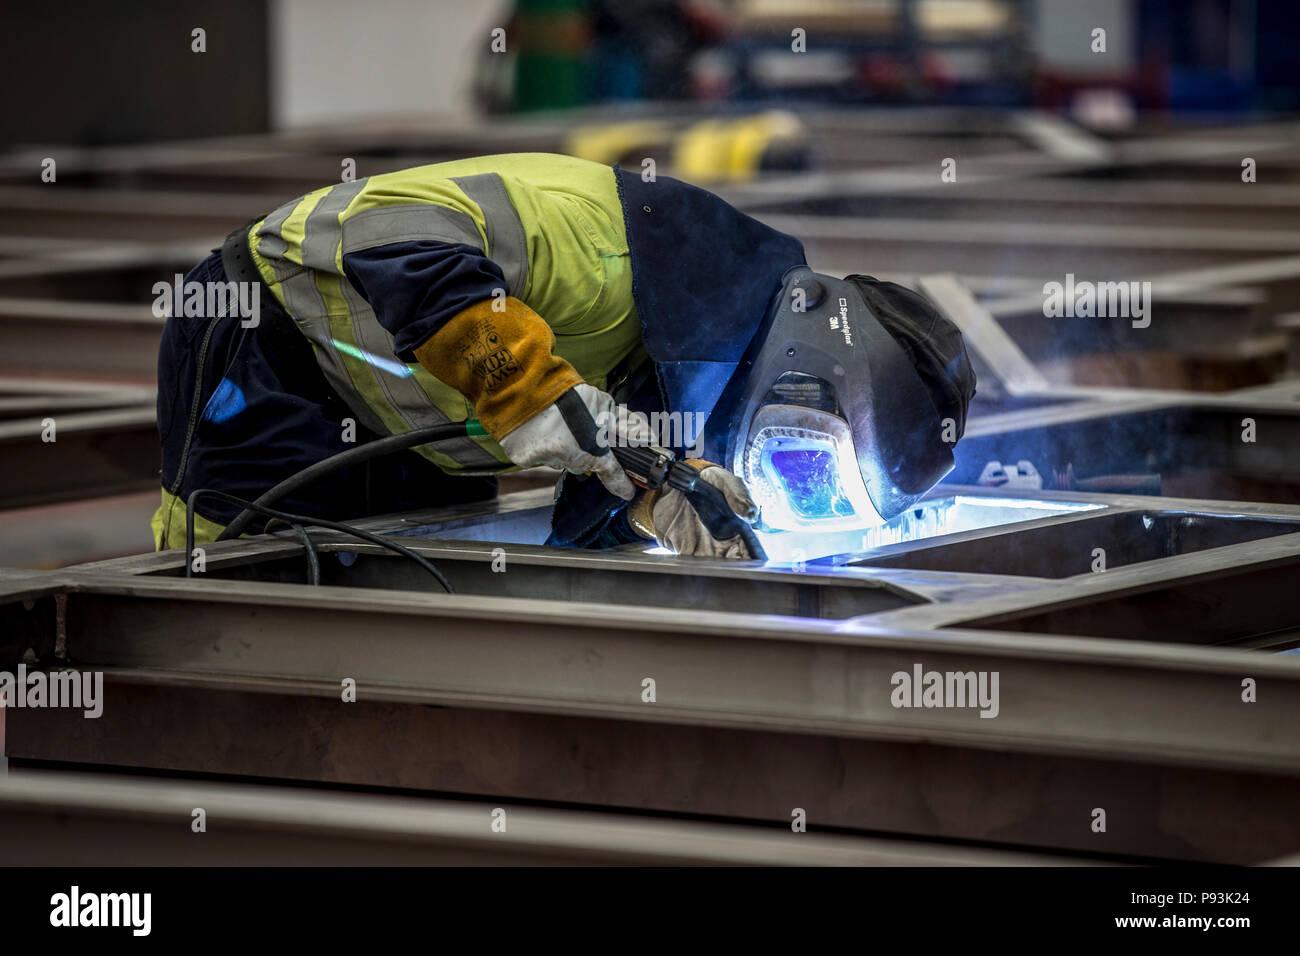 Welder wearing protective equipment welding - Stock Image